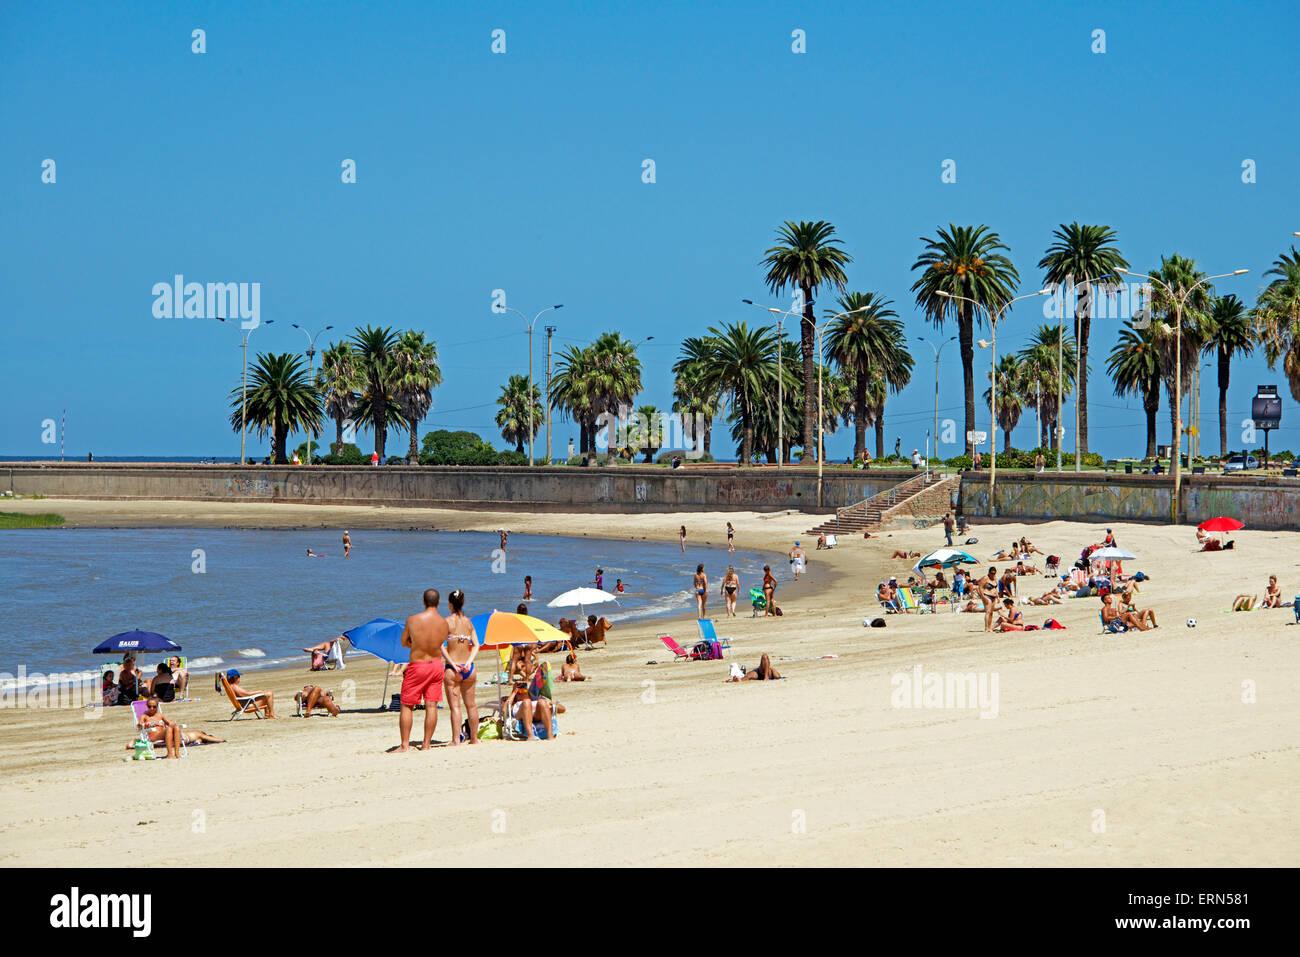 Playa de los Pocitos Montevideo Uruguay Immagini Stock